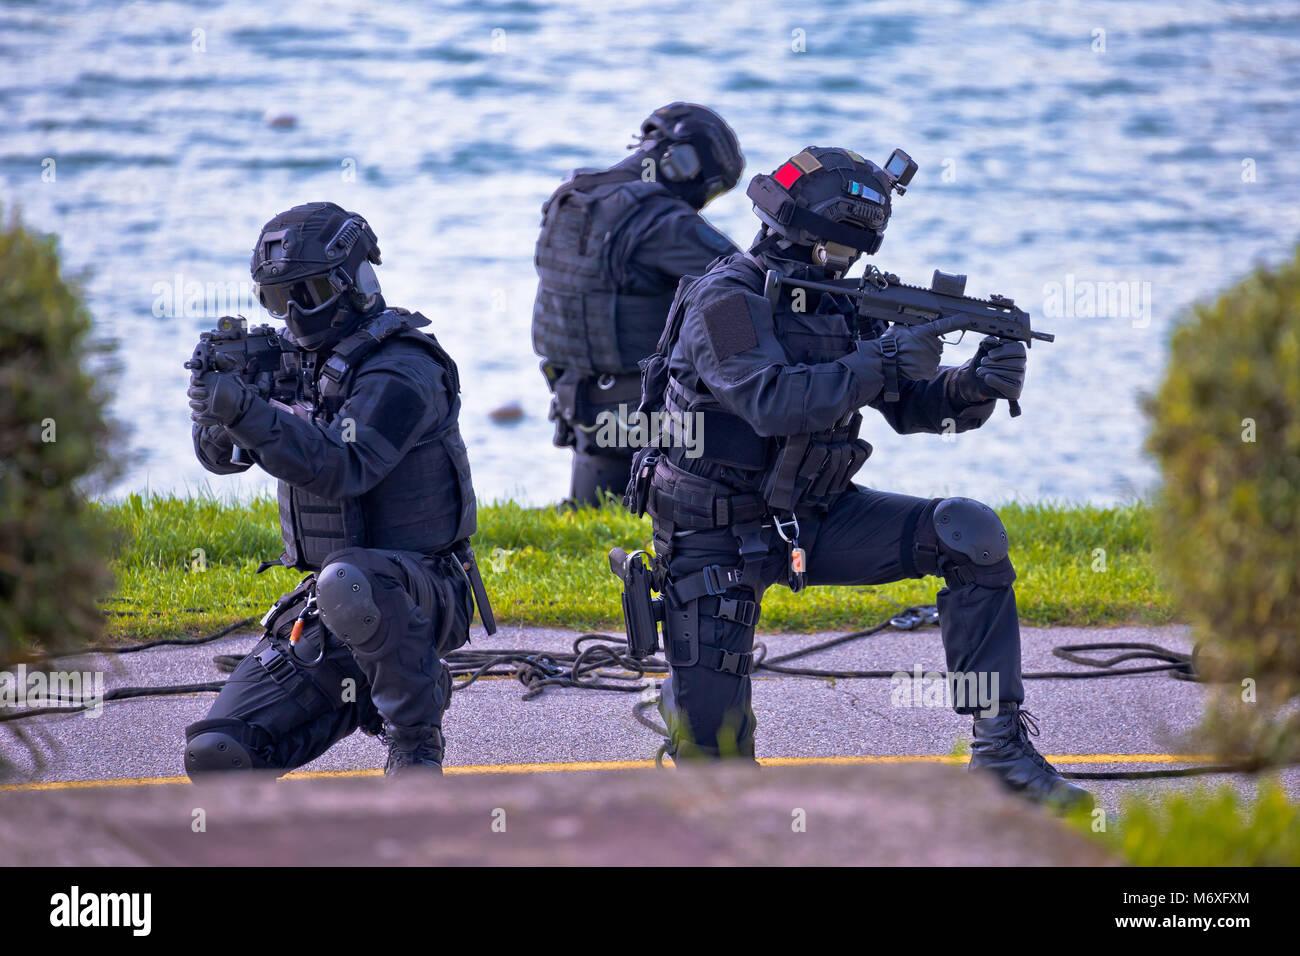 Le forze speciali tattiche di squadra di tre in azione, non marcati e irriconoscibile SWAT team Immagini Stock